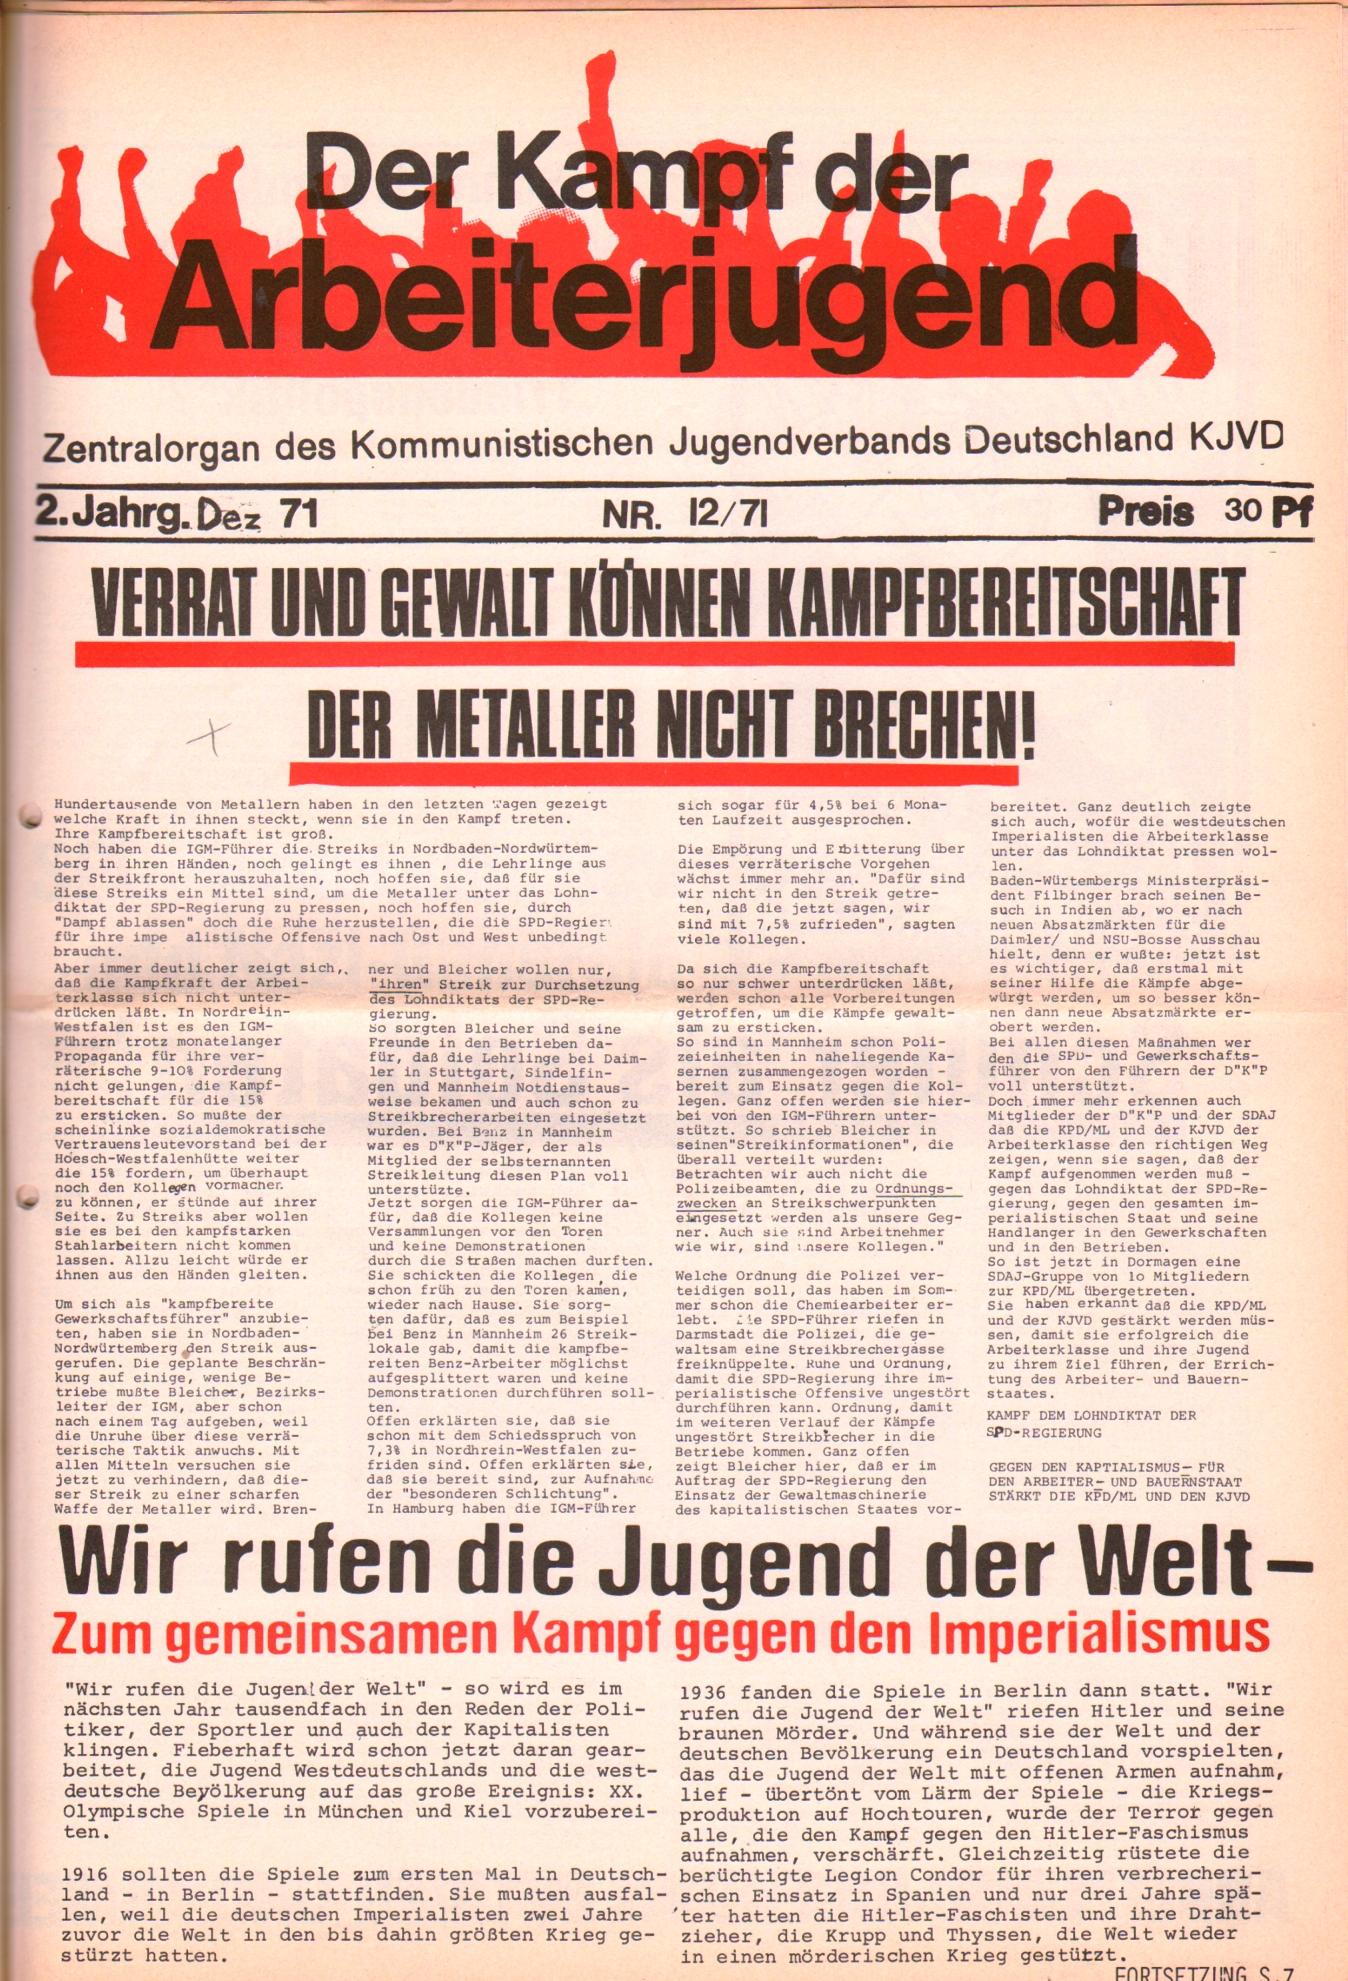 KDAJ, 2. Jg., Dezember 1971, Nr. 12, Seite 1